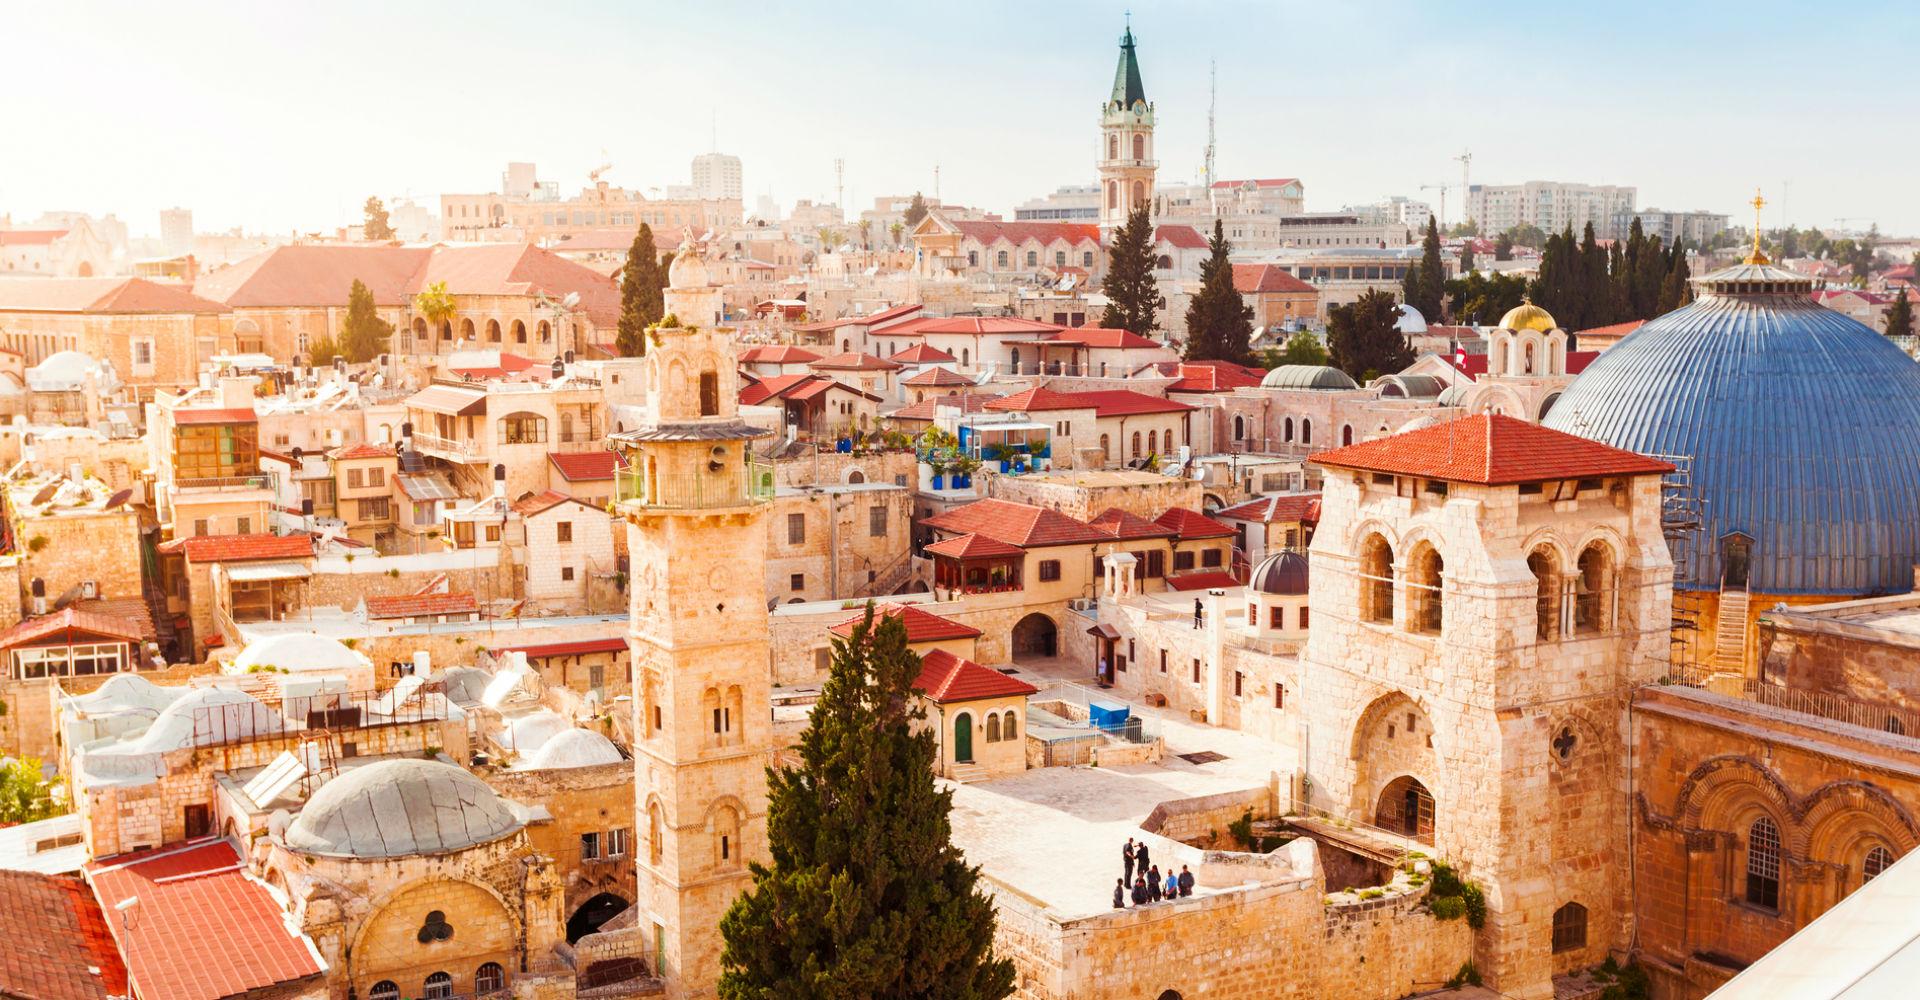 Blick auf Jerusalem in Israel, wo auch Hebräisch gesprochen wird.